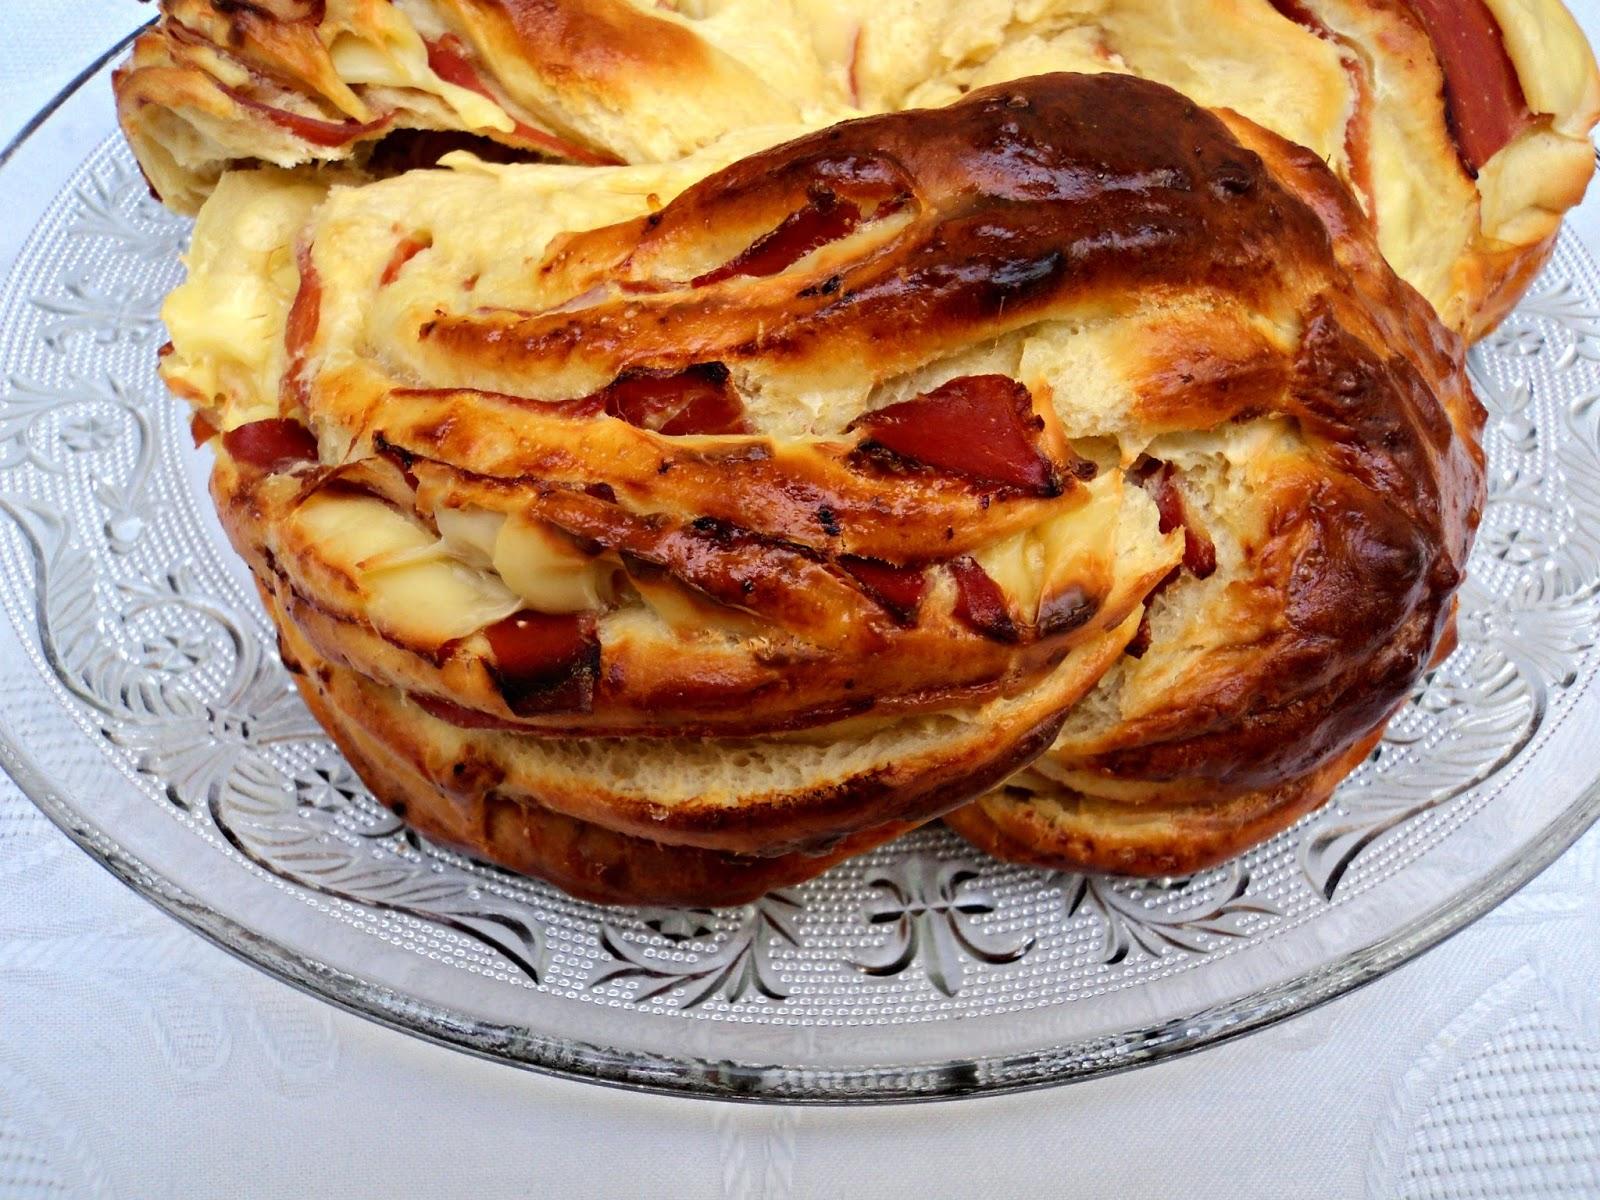 kringle-jamon-serrano-queso-formada